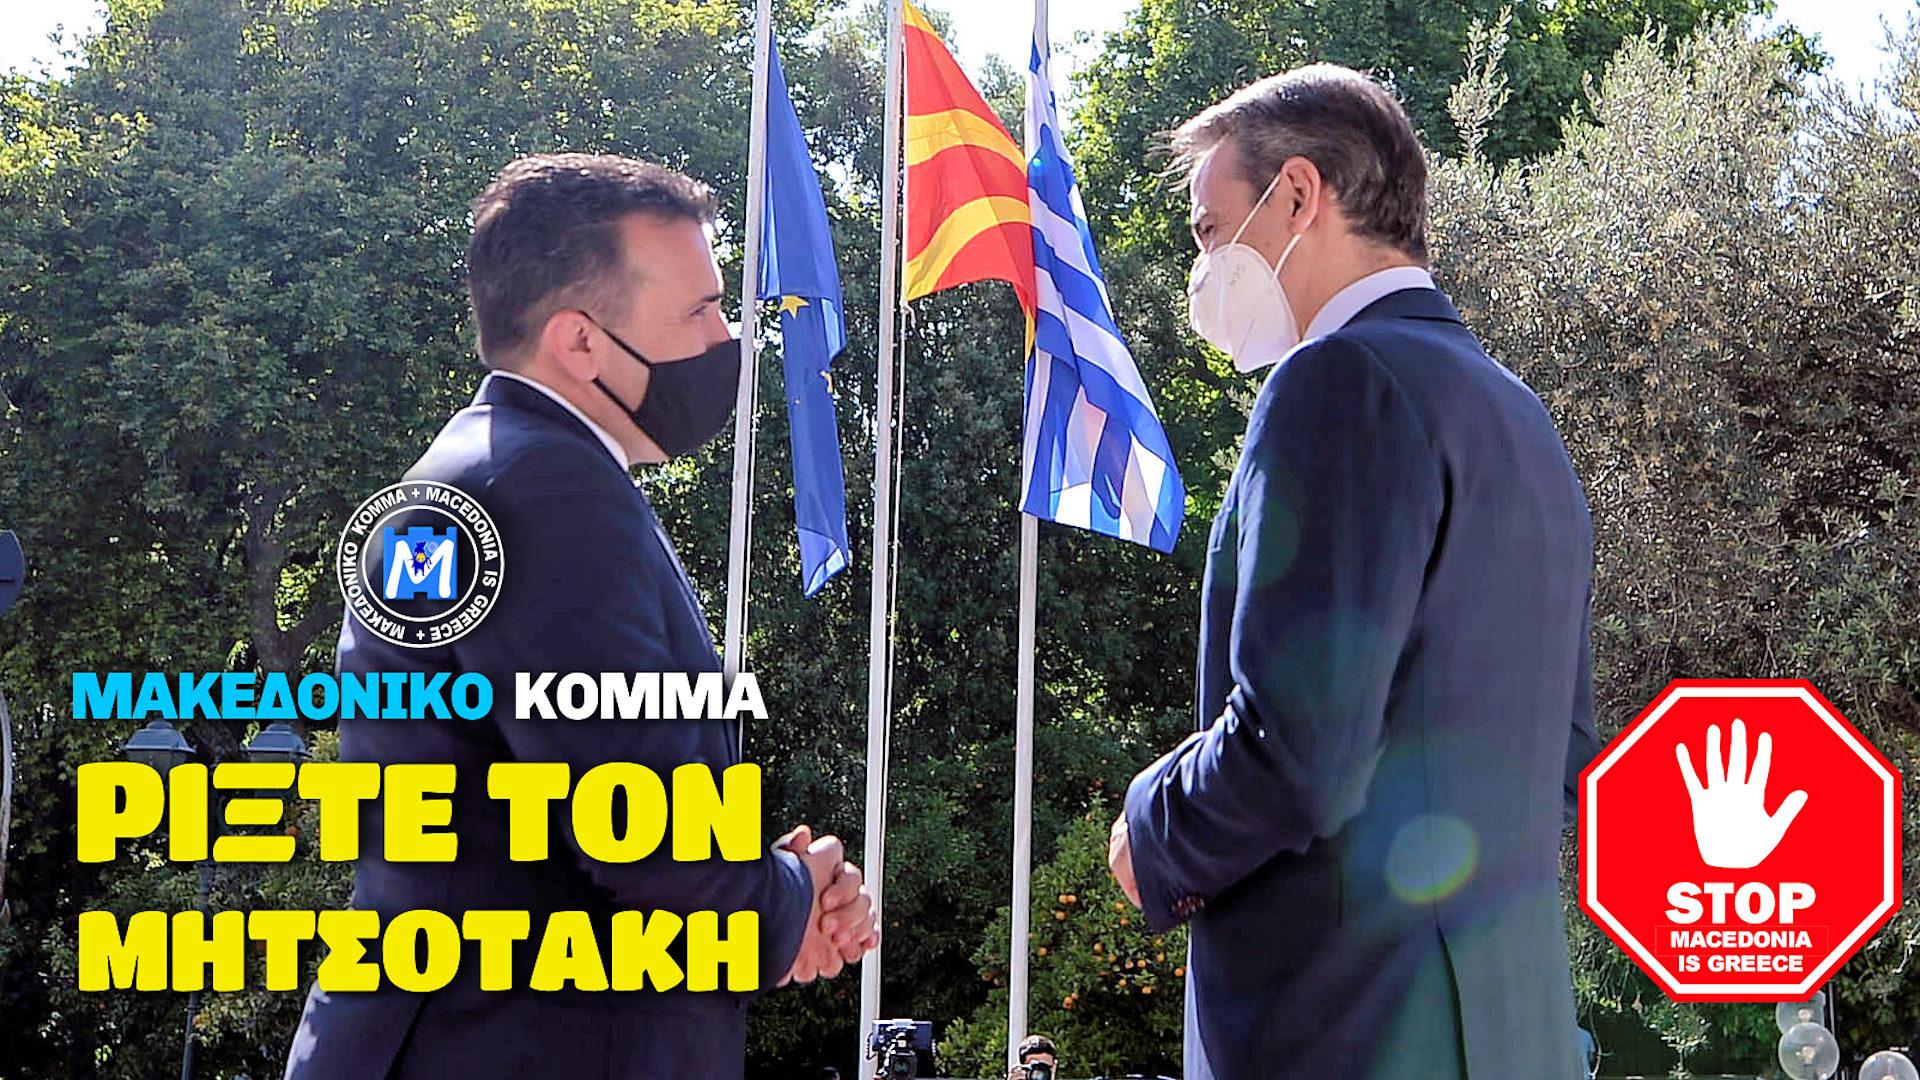 """ΜΑΚΕΔΟΝΙΚΟ ΚΟΜΜΑ ΣΕ ΚΑΡΑΜΑΝΛΗ - ΣΑΜΑΡΑ: ΡΙΞΤΕ ΤΟΝ ΜΗΤΣΟΤΑΚΗ! Έκτακτο """"διάγγελμα"""" του Αρχηγού του Μακεδονικού Κόμματος"""